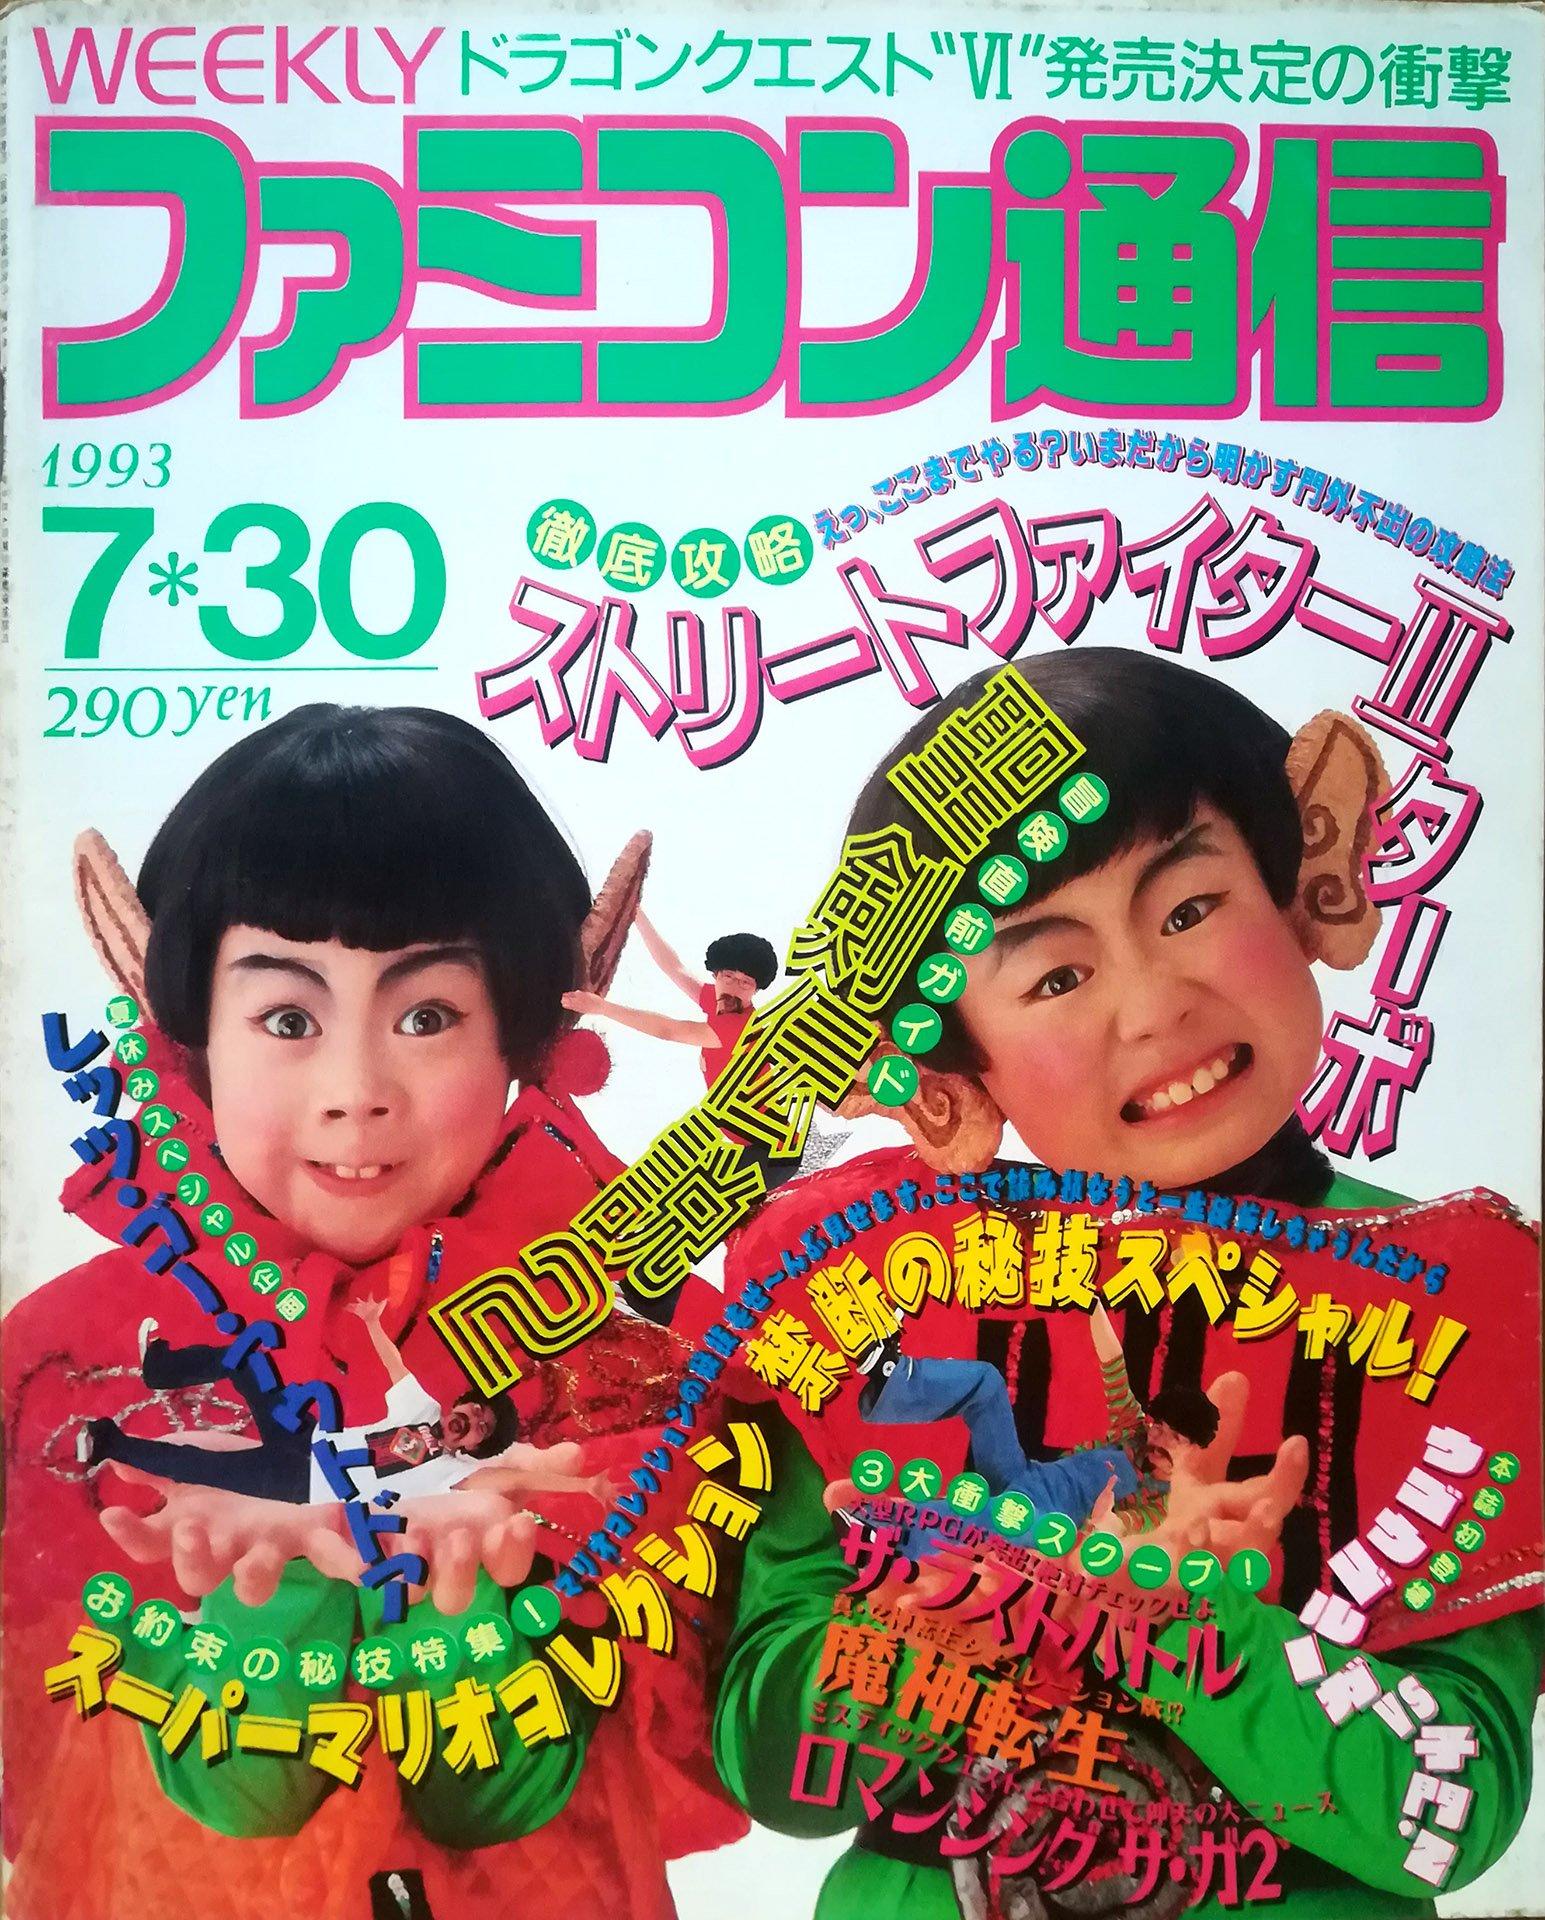 Famitsu 0241 (July 30, 1993)